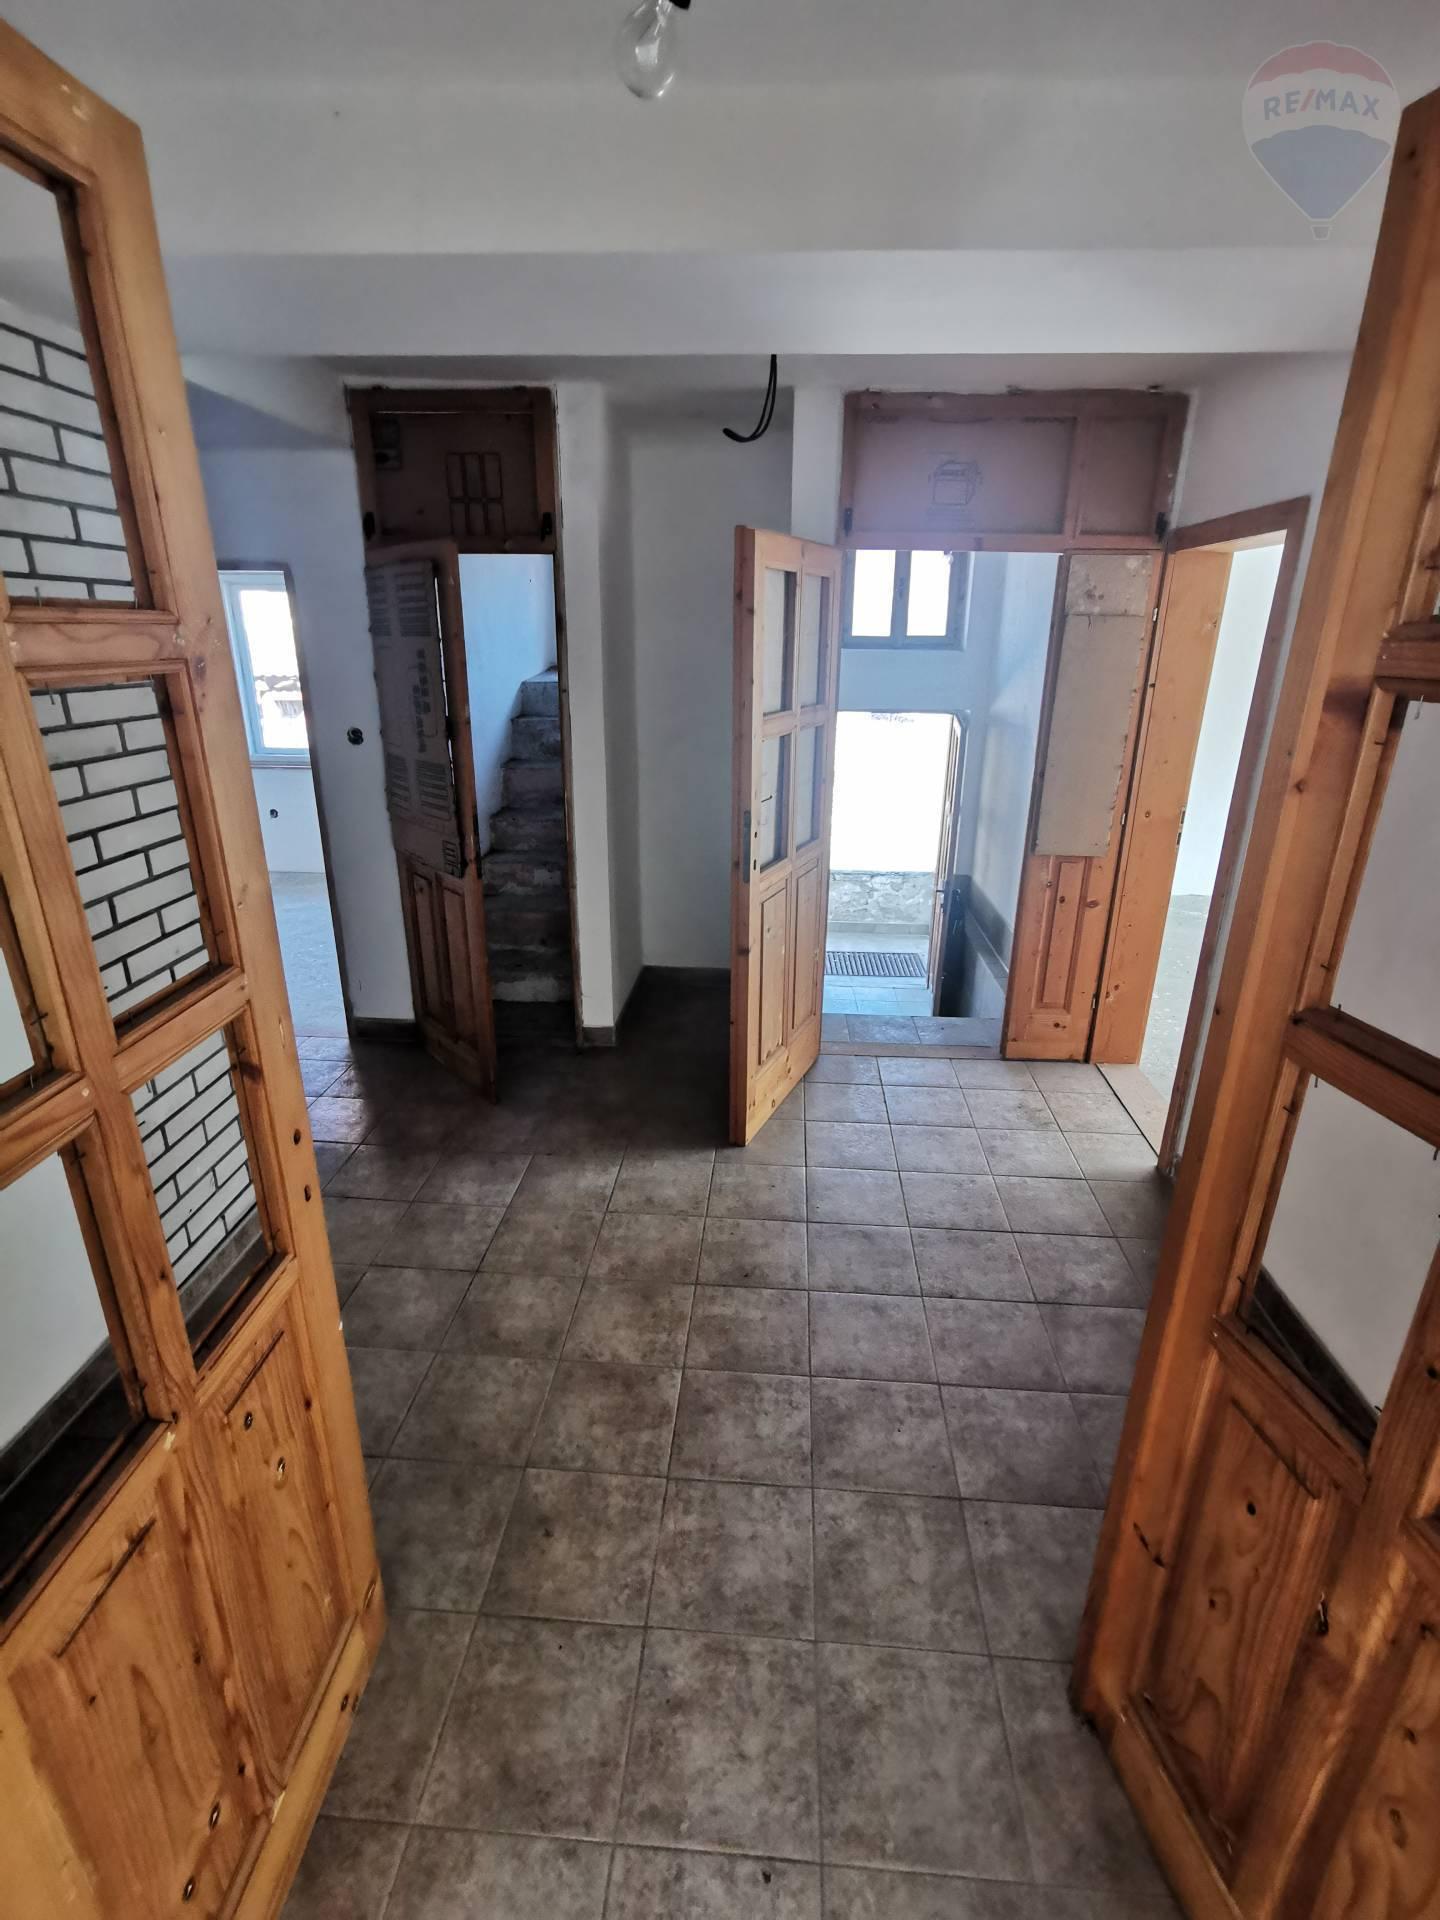 Predaj domu 150 m2, Oravský Biely Potok - Dom Oravský Biely Potok na predaj